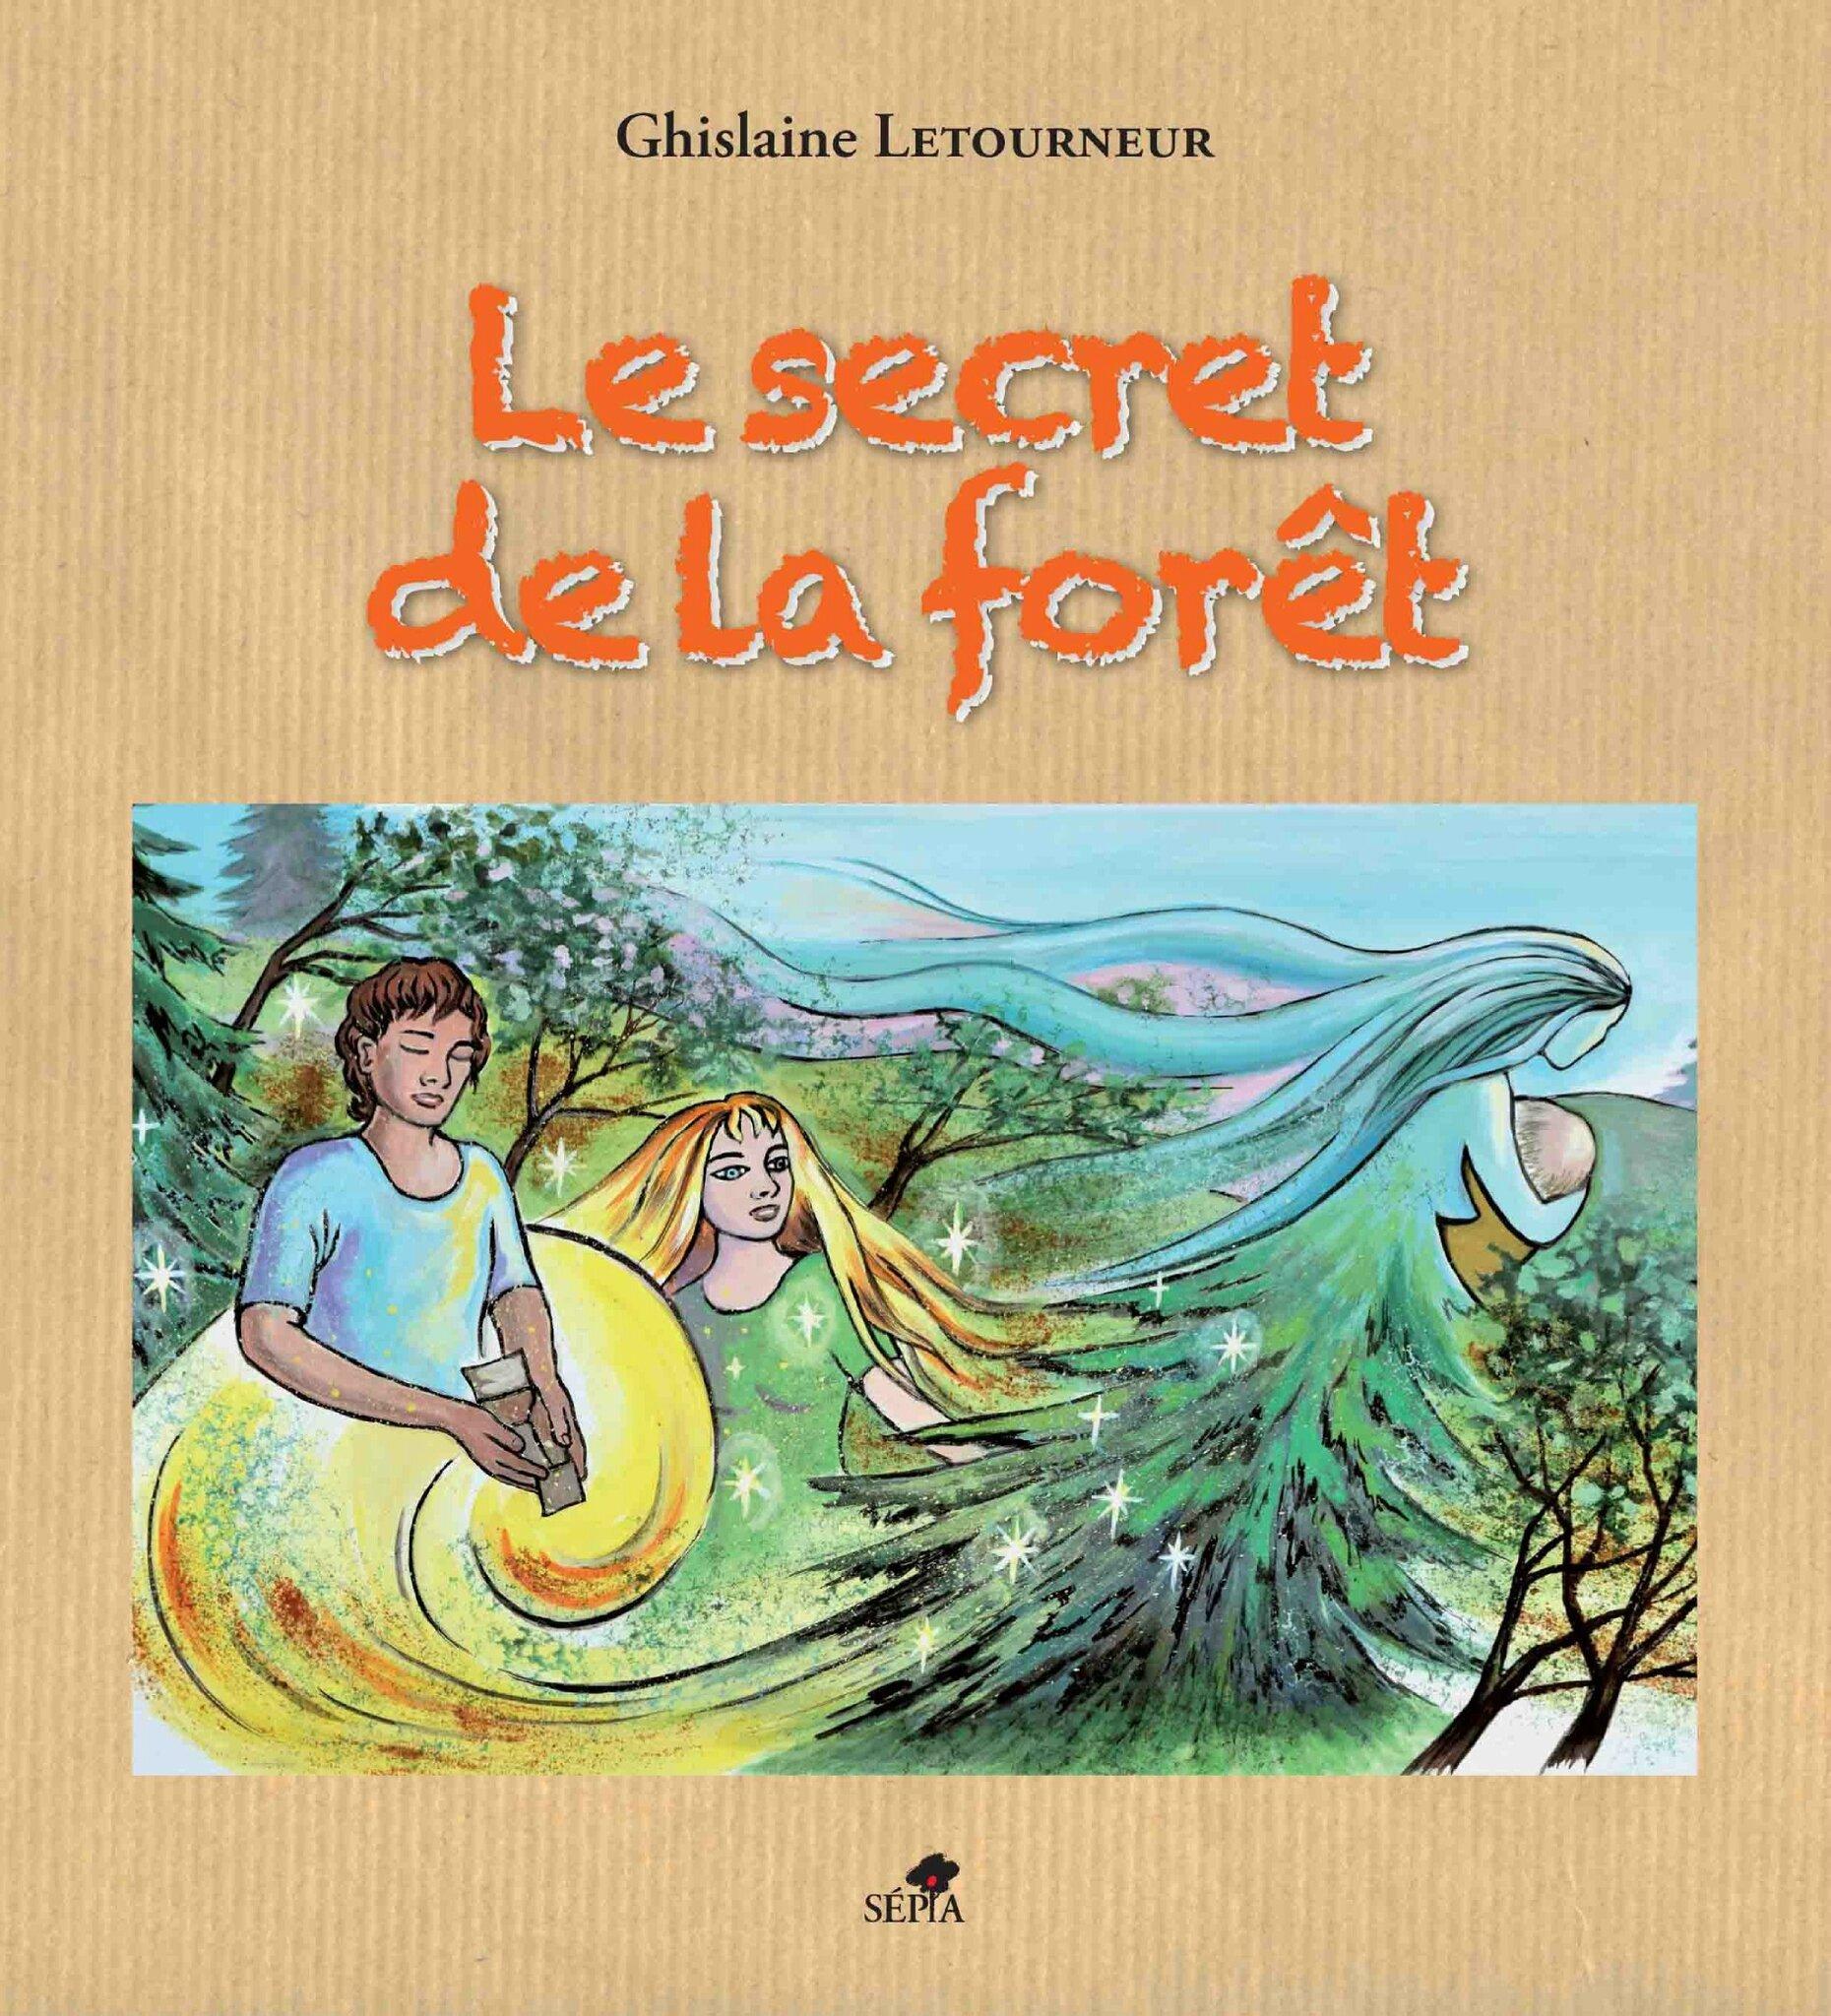 Le secret de la forêt Ghislaine letourneur Editions Sépia Couverture Recto